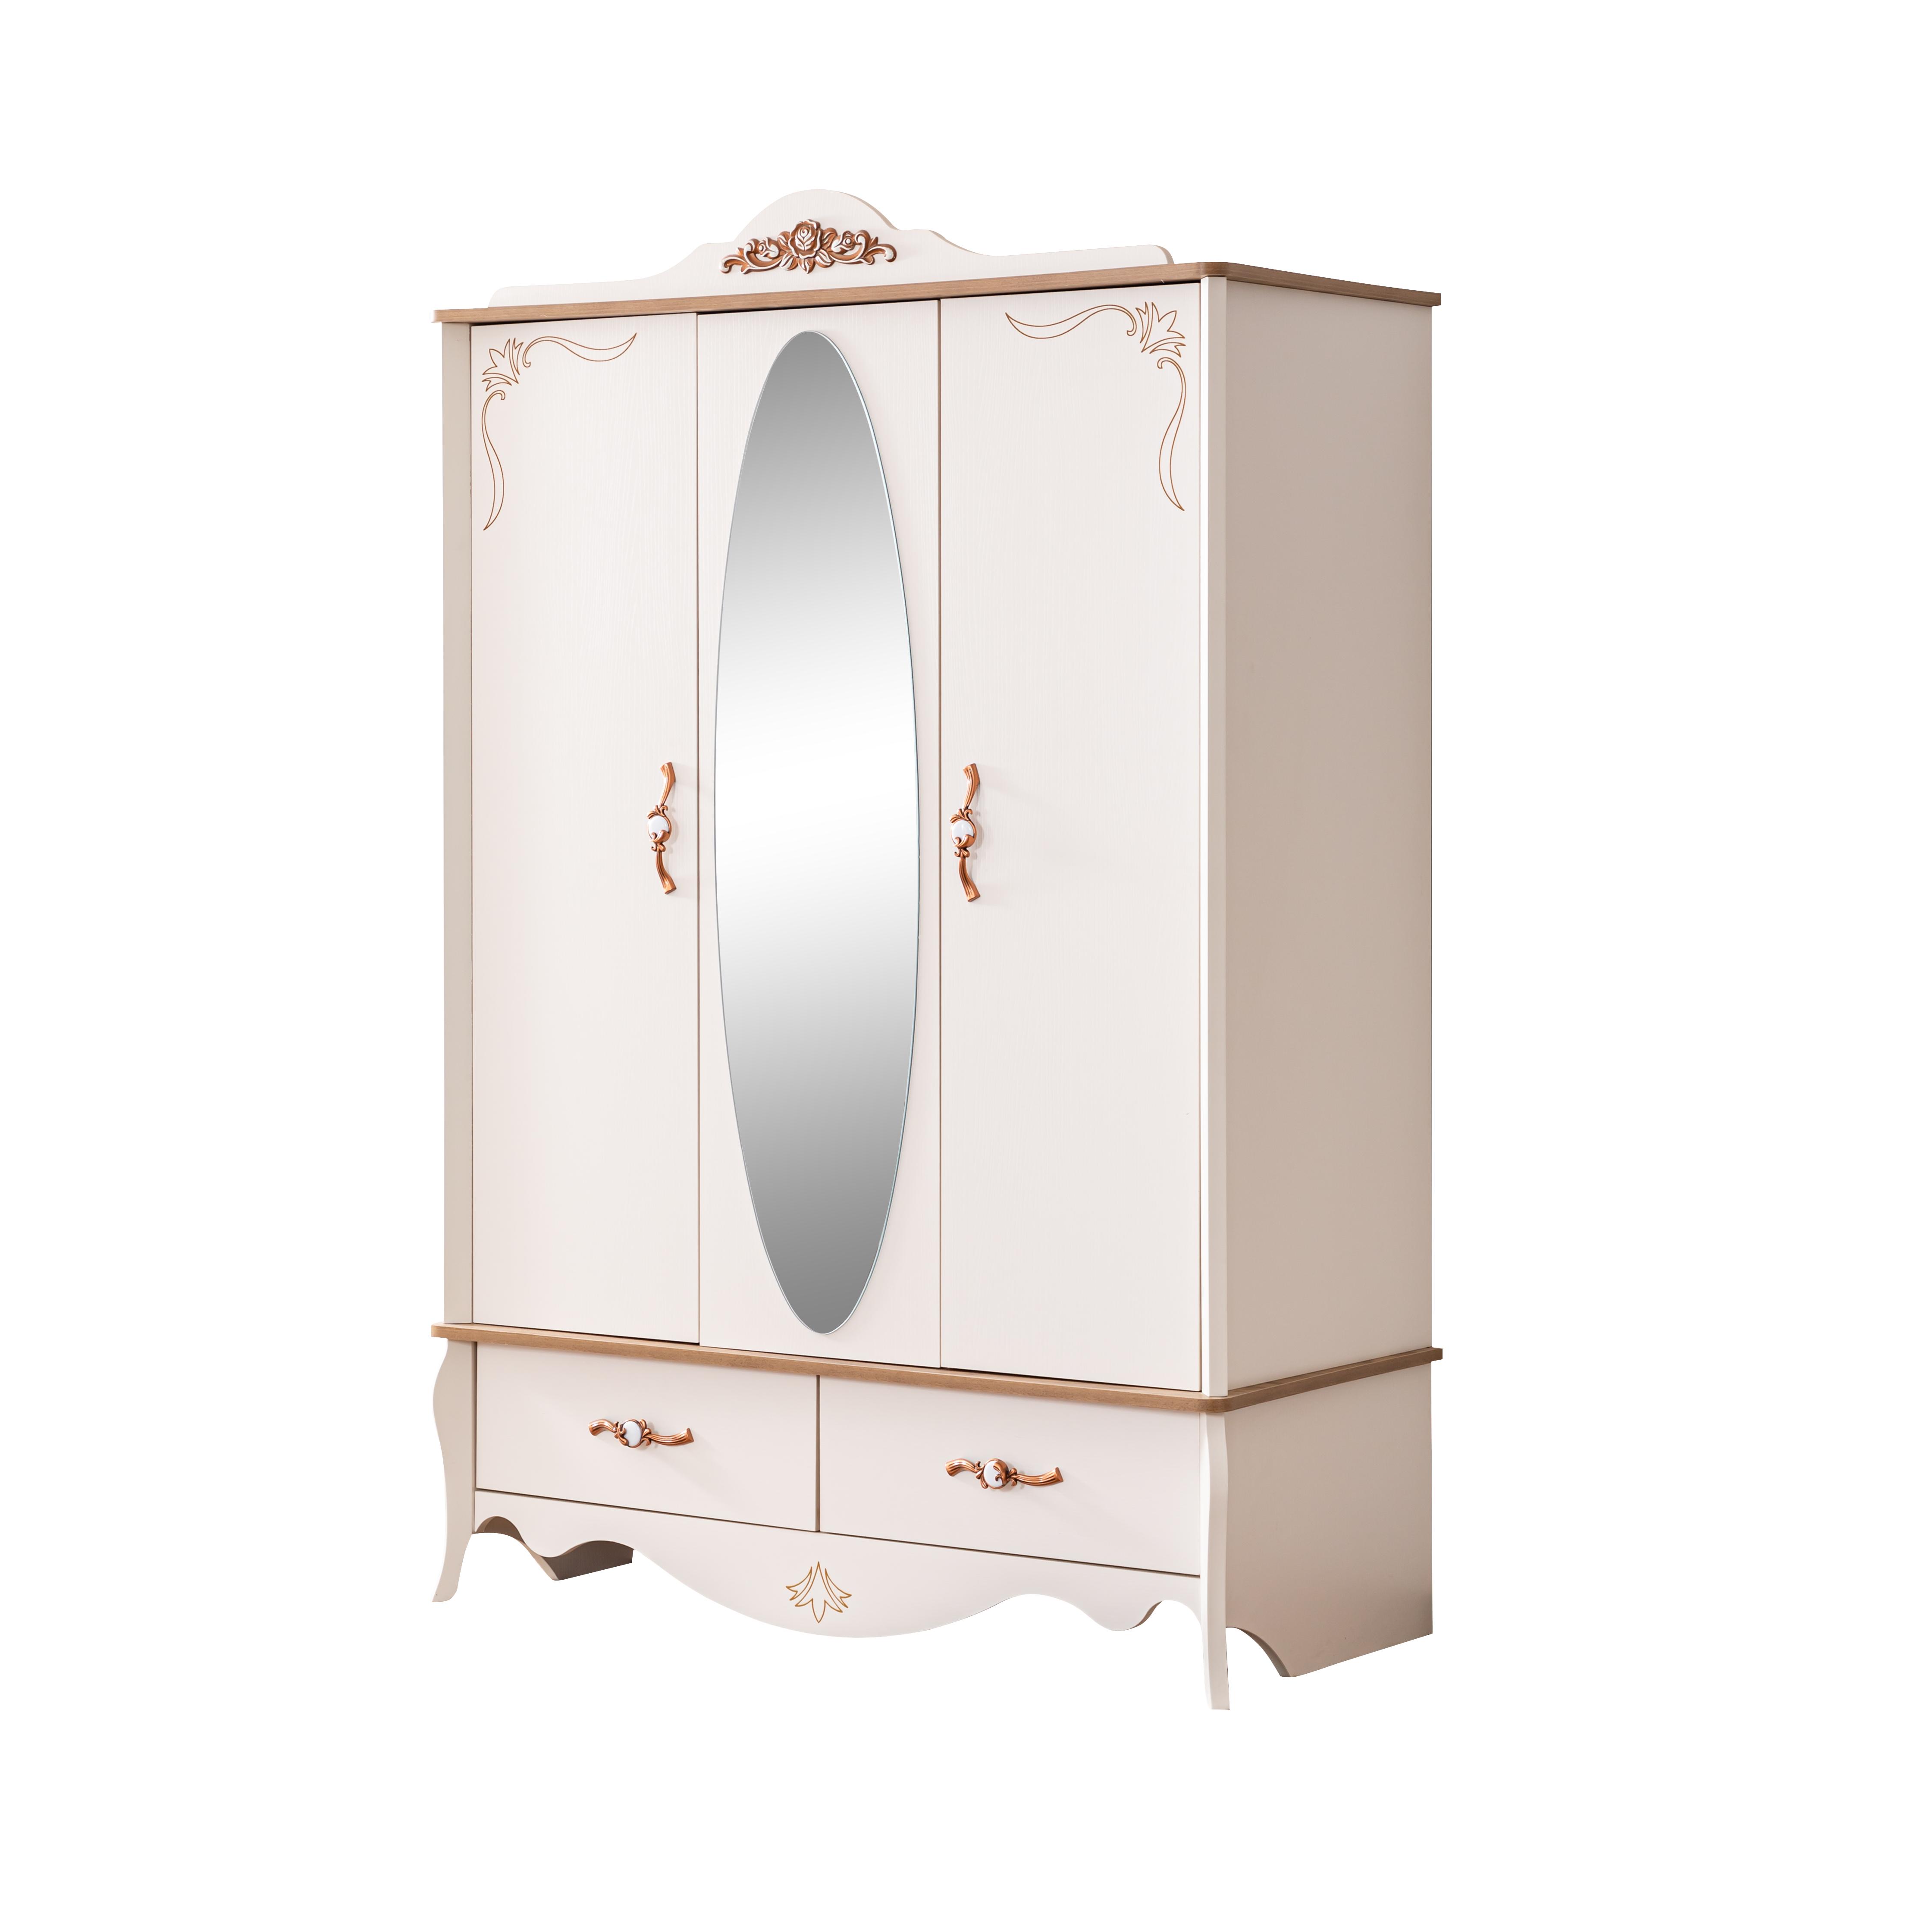 Odacix Kleiderschrank Inci mit Spiegeltüre in Creme